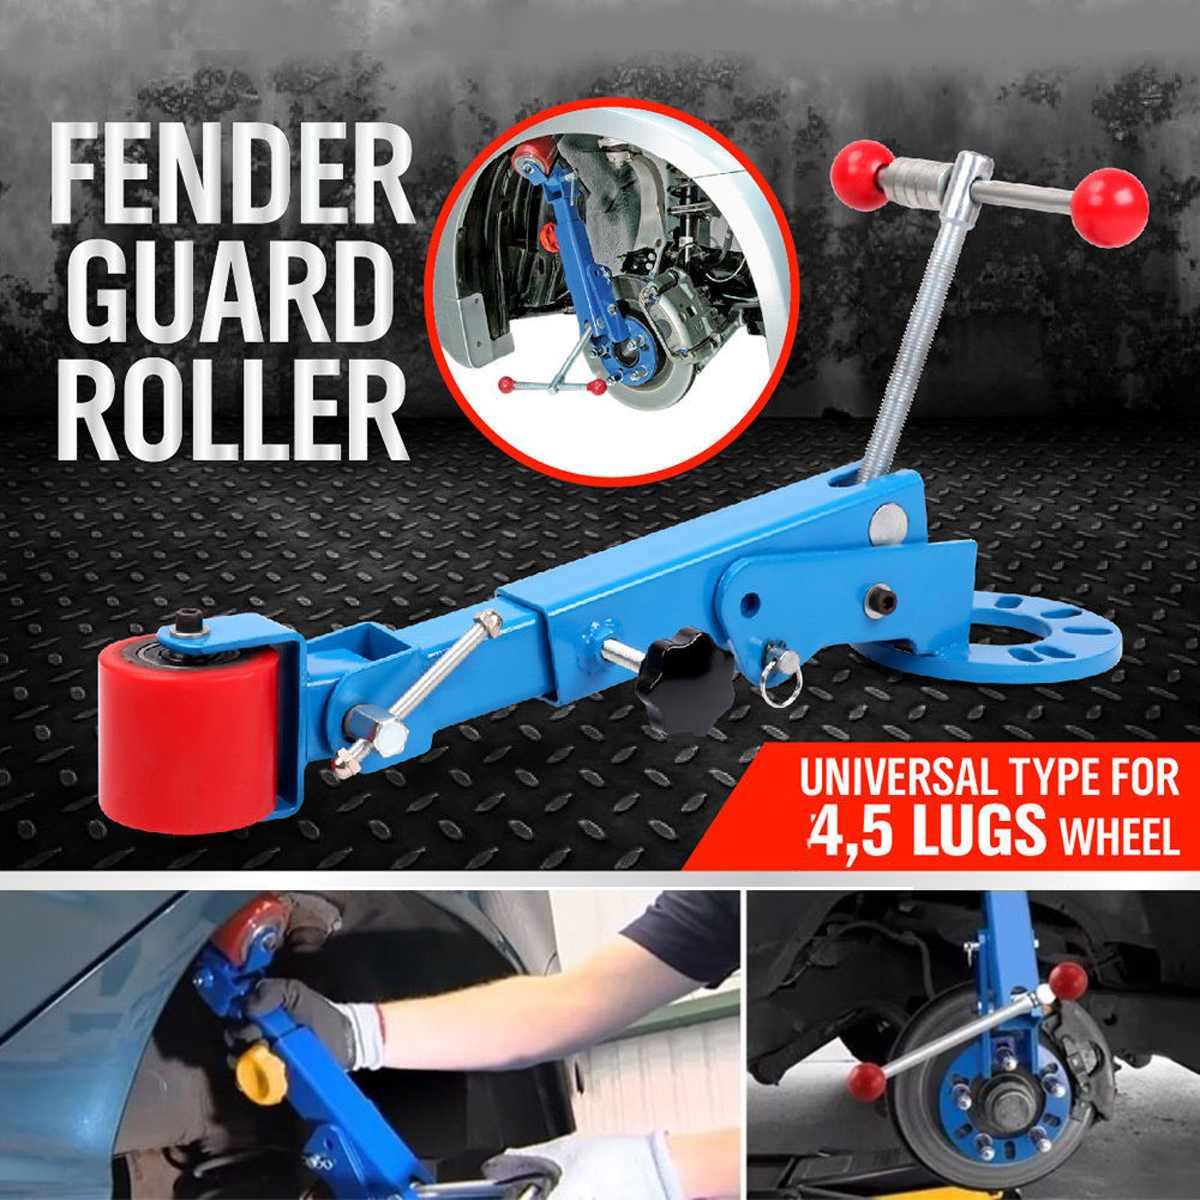 Rouleau bleu pour Fender Réforme L'extension Outil Roue Rouleau Torchage Ancien Lourd Pièces De Machines à bois